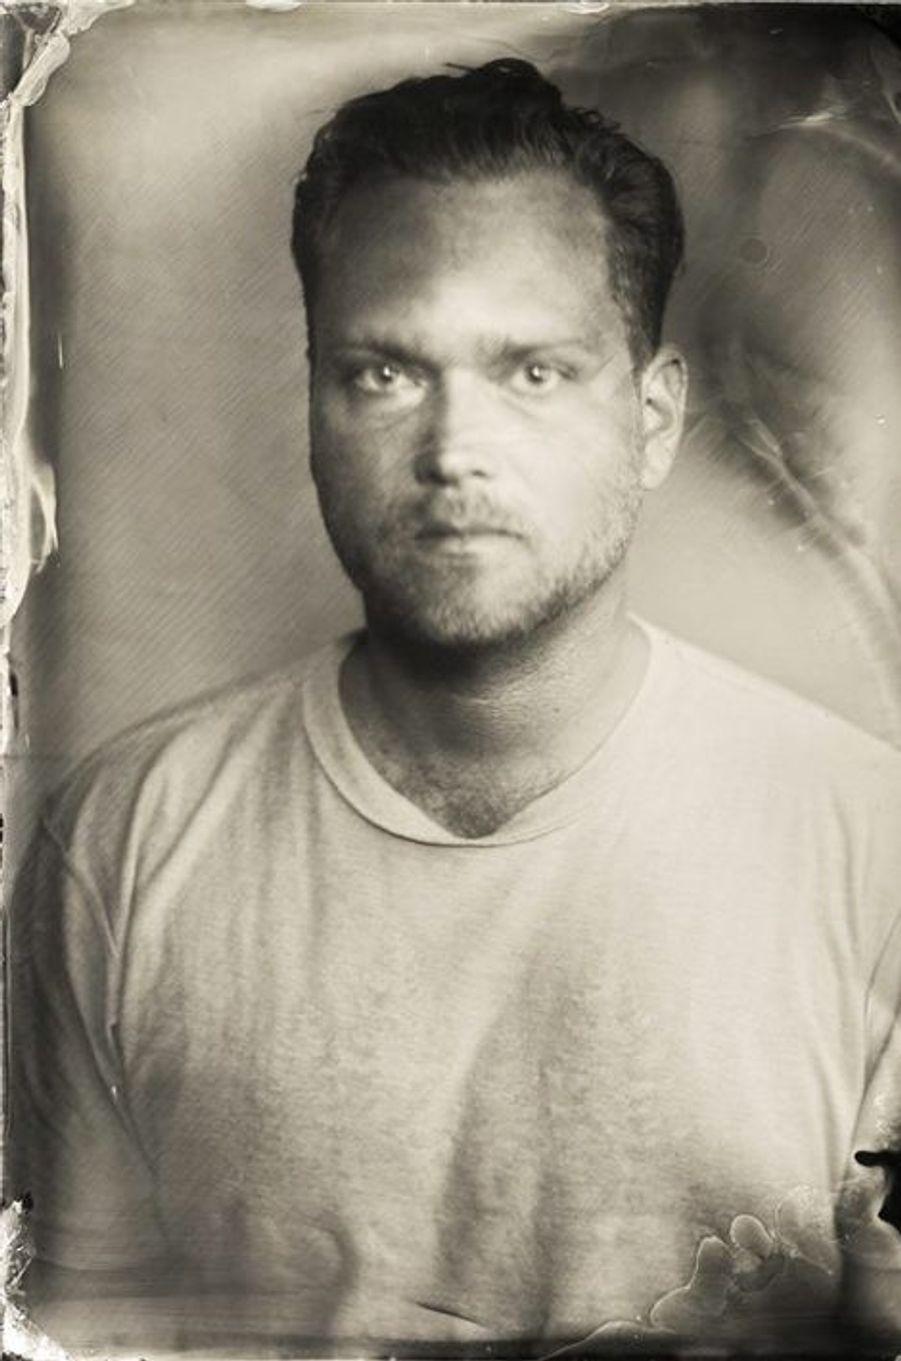 «Un rare autoportrait. La technique photographique au collodion fait ressortir mes racines scandinaves. 2014»